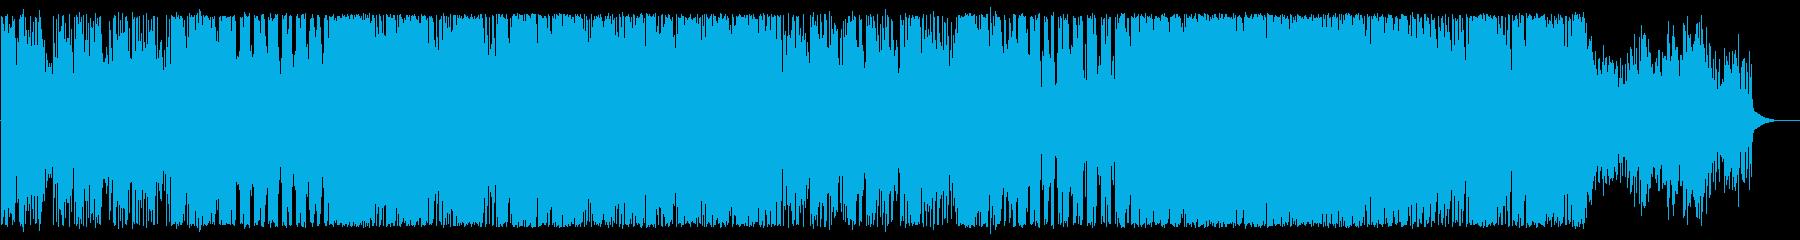 ピアノとストリングスの切ないテクノの再生済みの波形